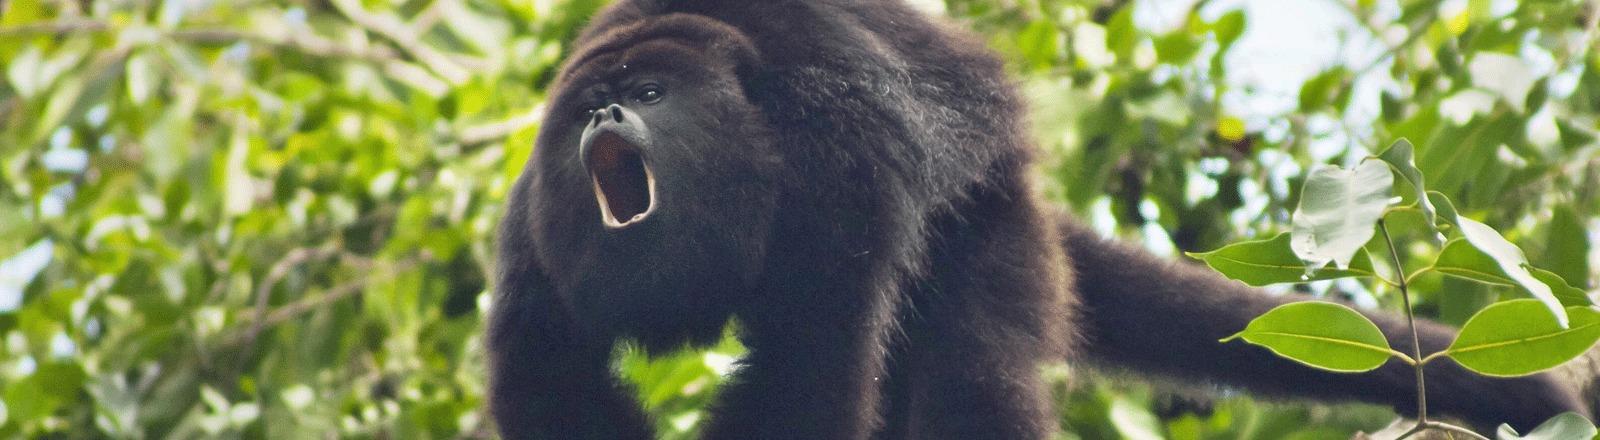 Ein Affe in einem Baum schreit laut. Symbolisch für tierische Kriegsgesänge.